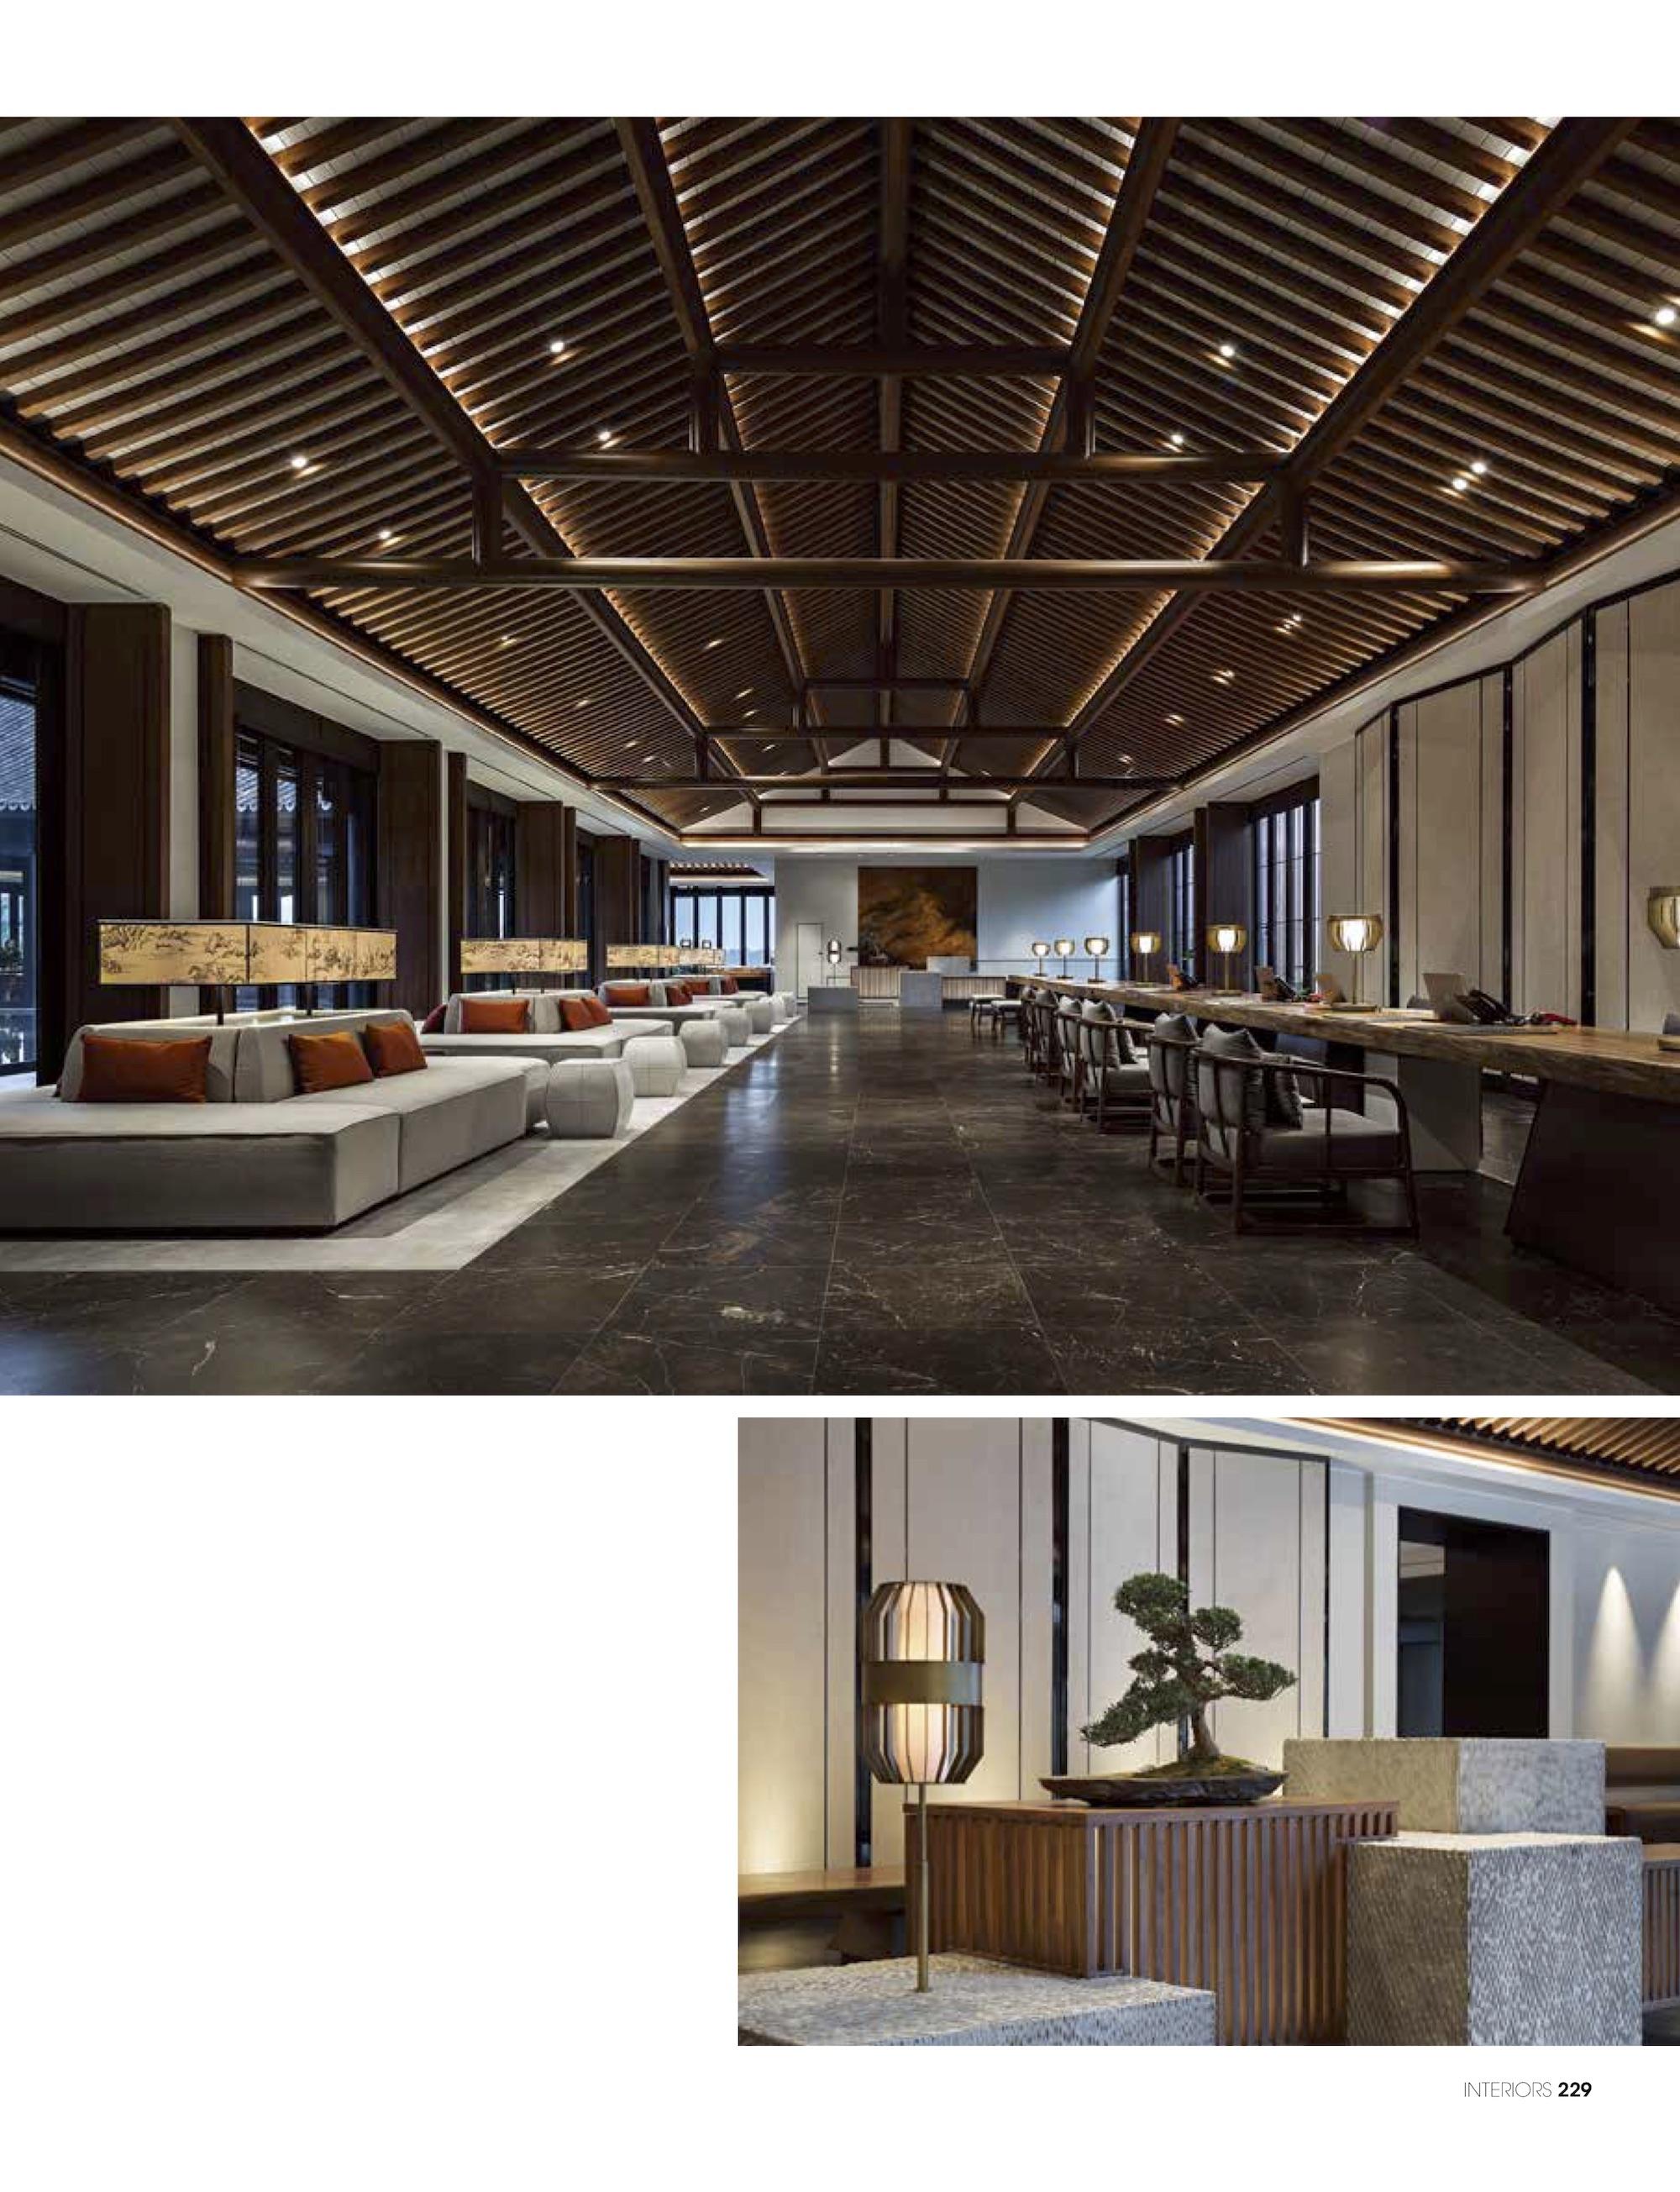 201812 韩国Interiors 安吉悦榕庄度假酒店 6.jpg